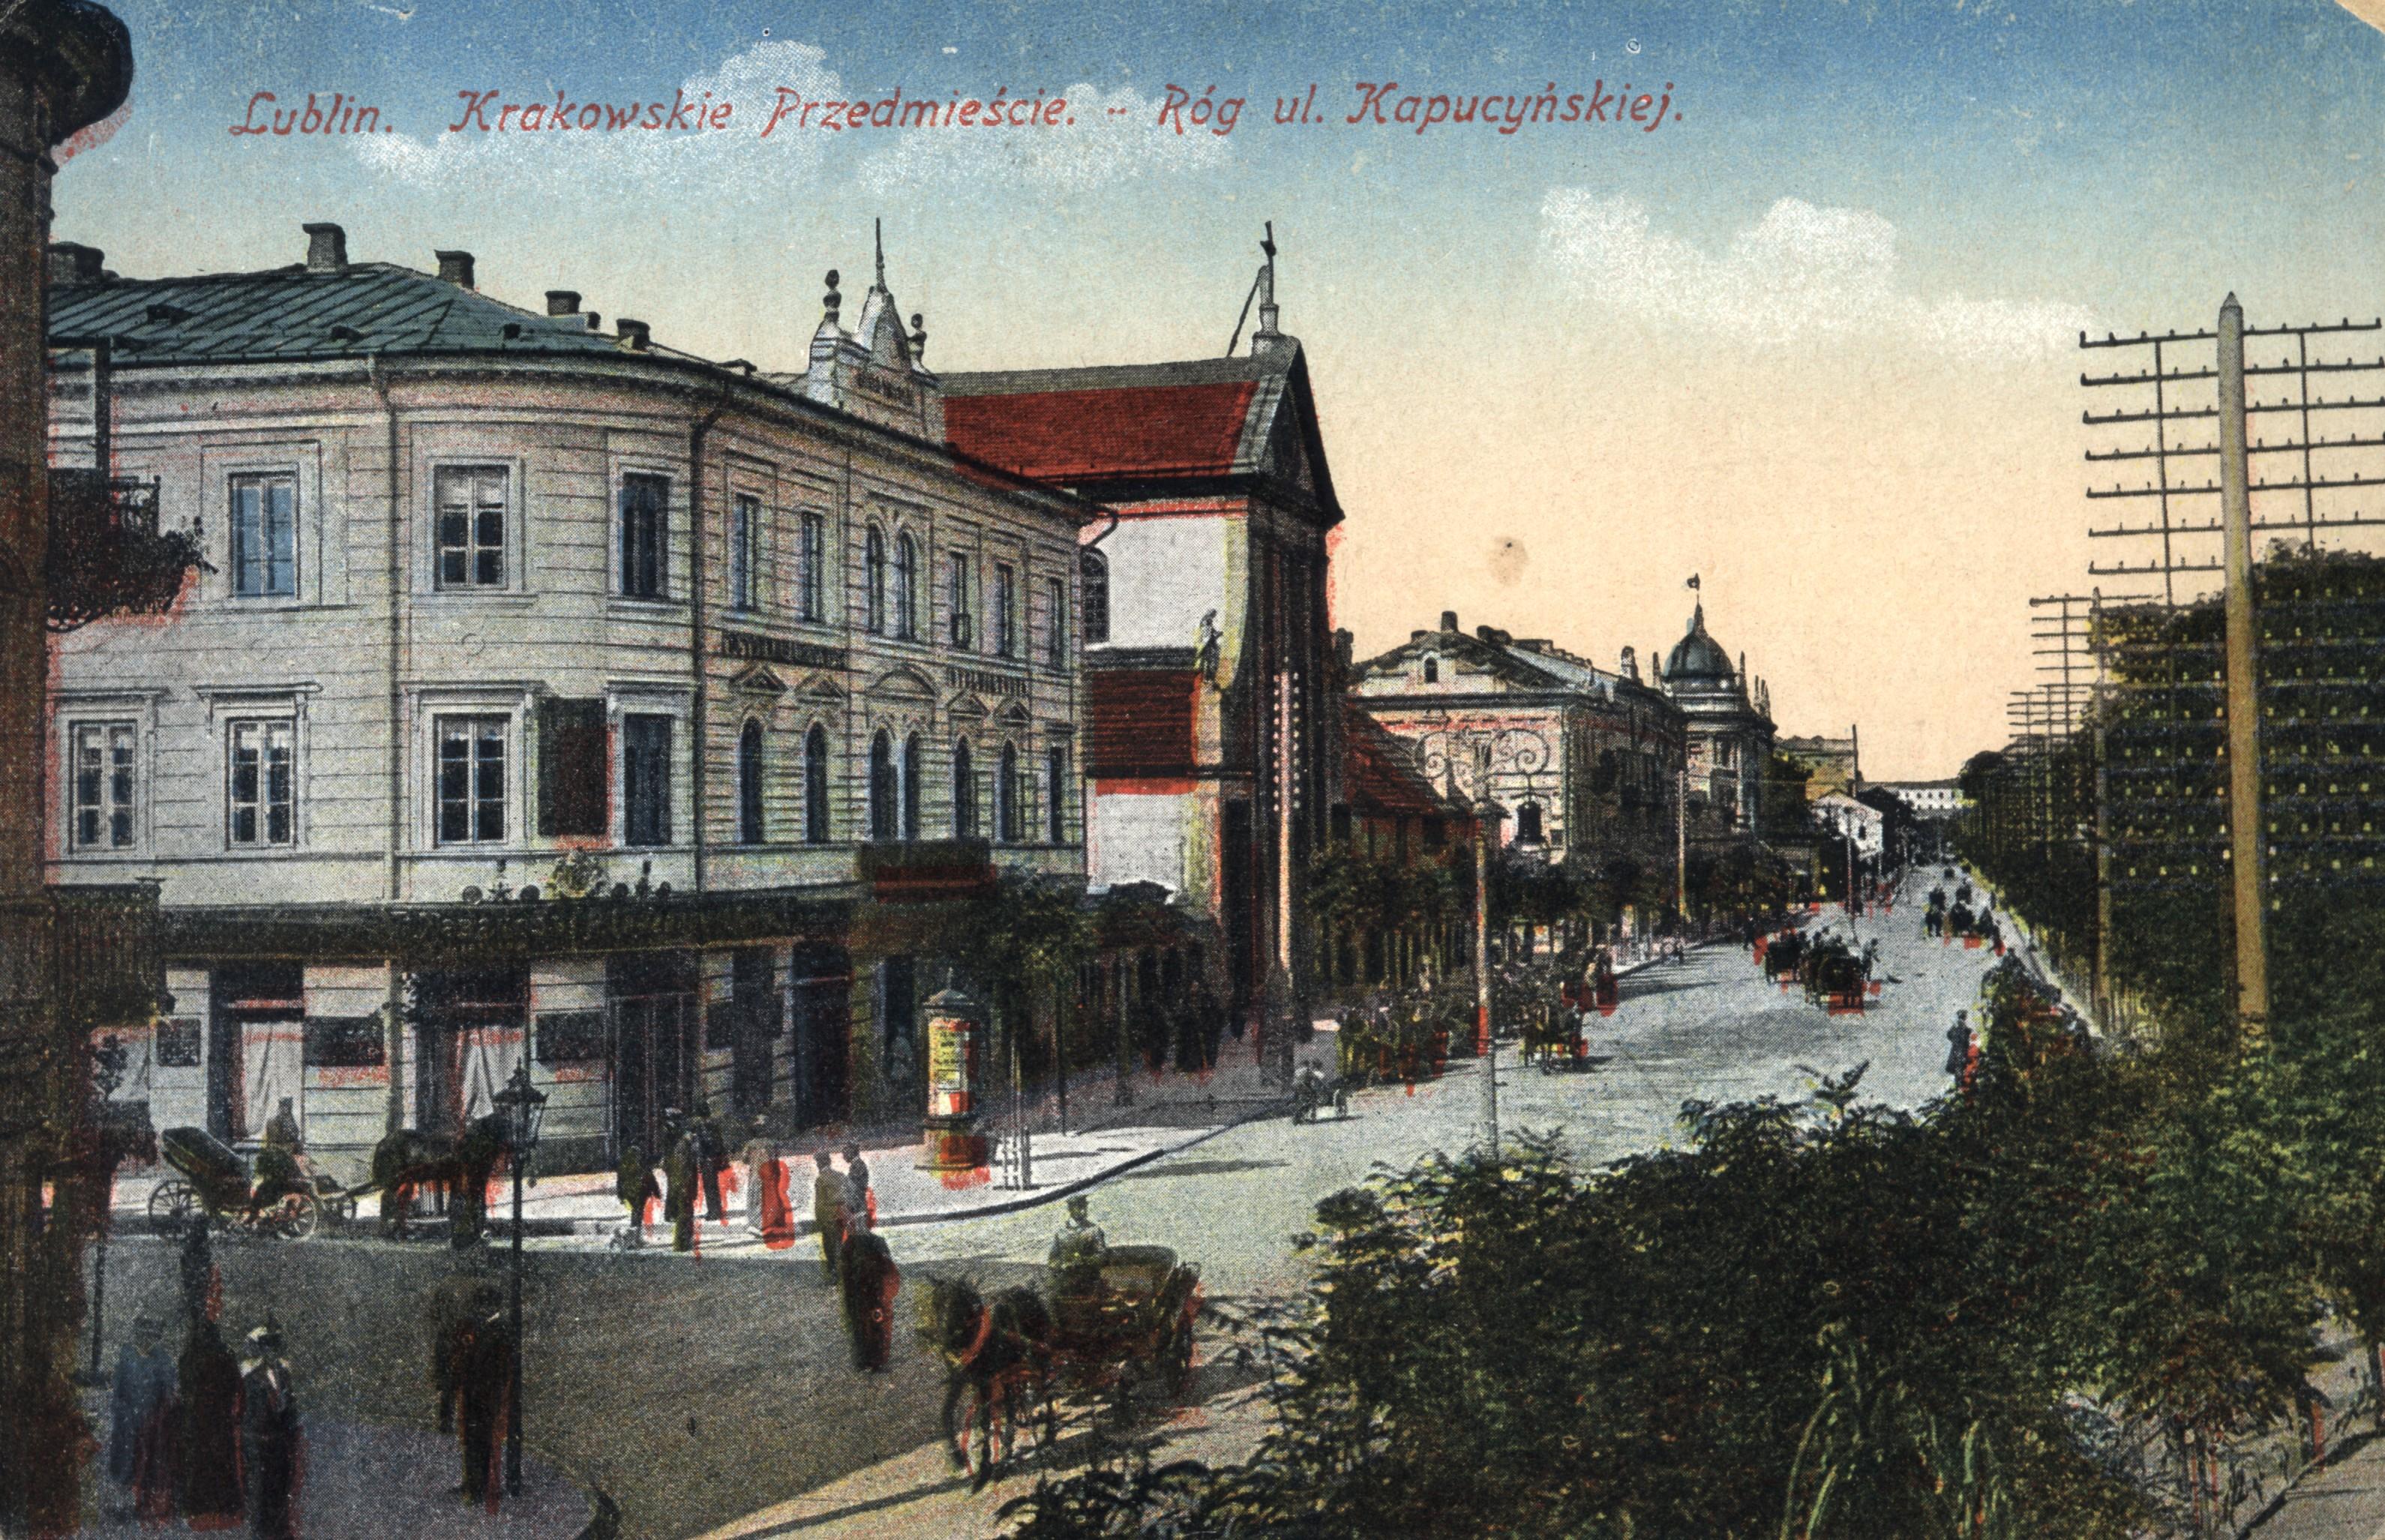 Lublin, ul. Krakowskie Przedmieście. Róg ul. Kapucyńskiej zhotelem Victoria. Ok. 1917.